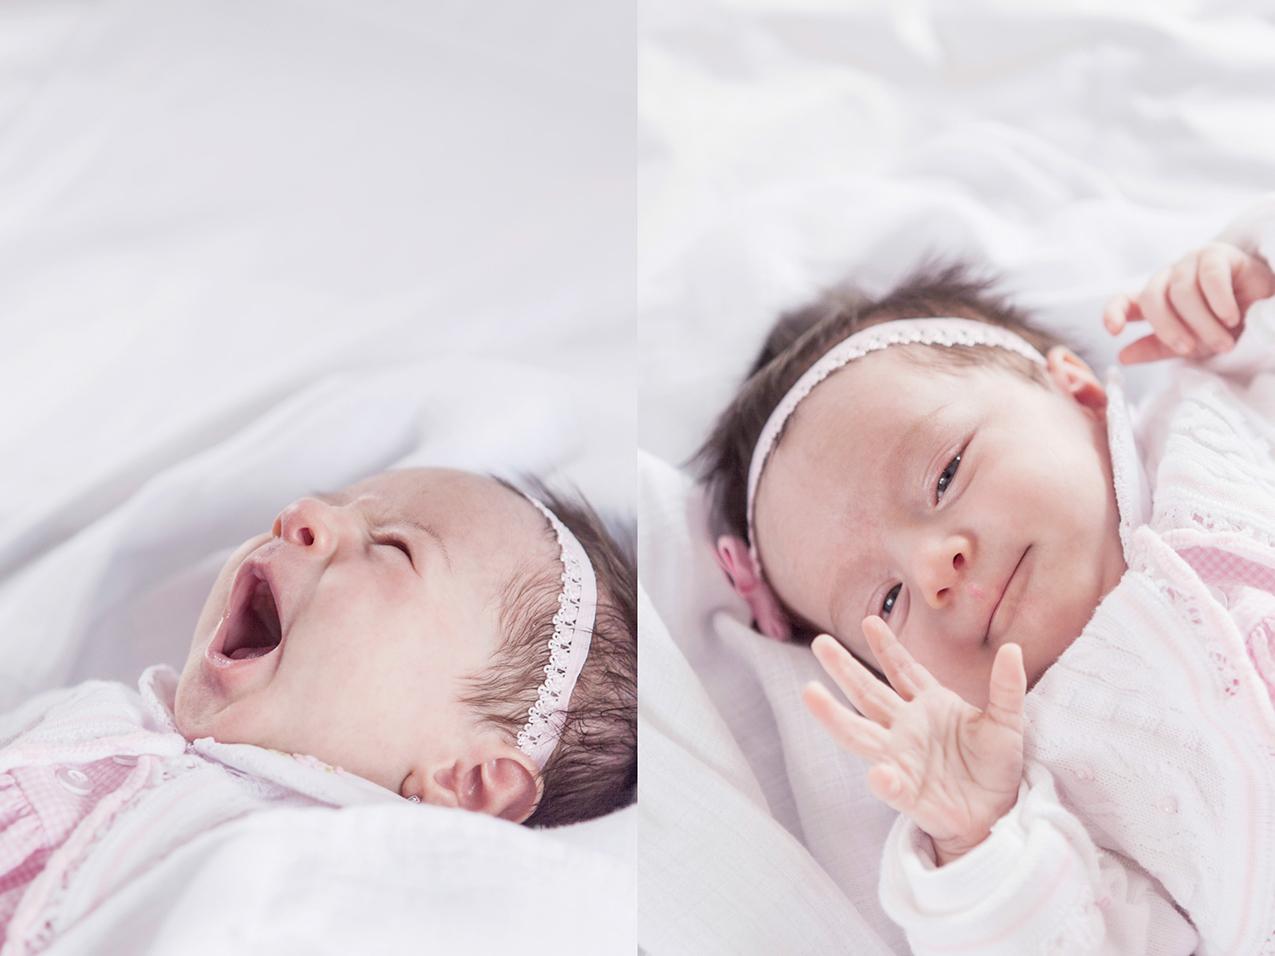 04fotografia-de-niños-bebes-recien-nacido-embarazo-retratos.jpg